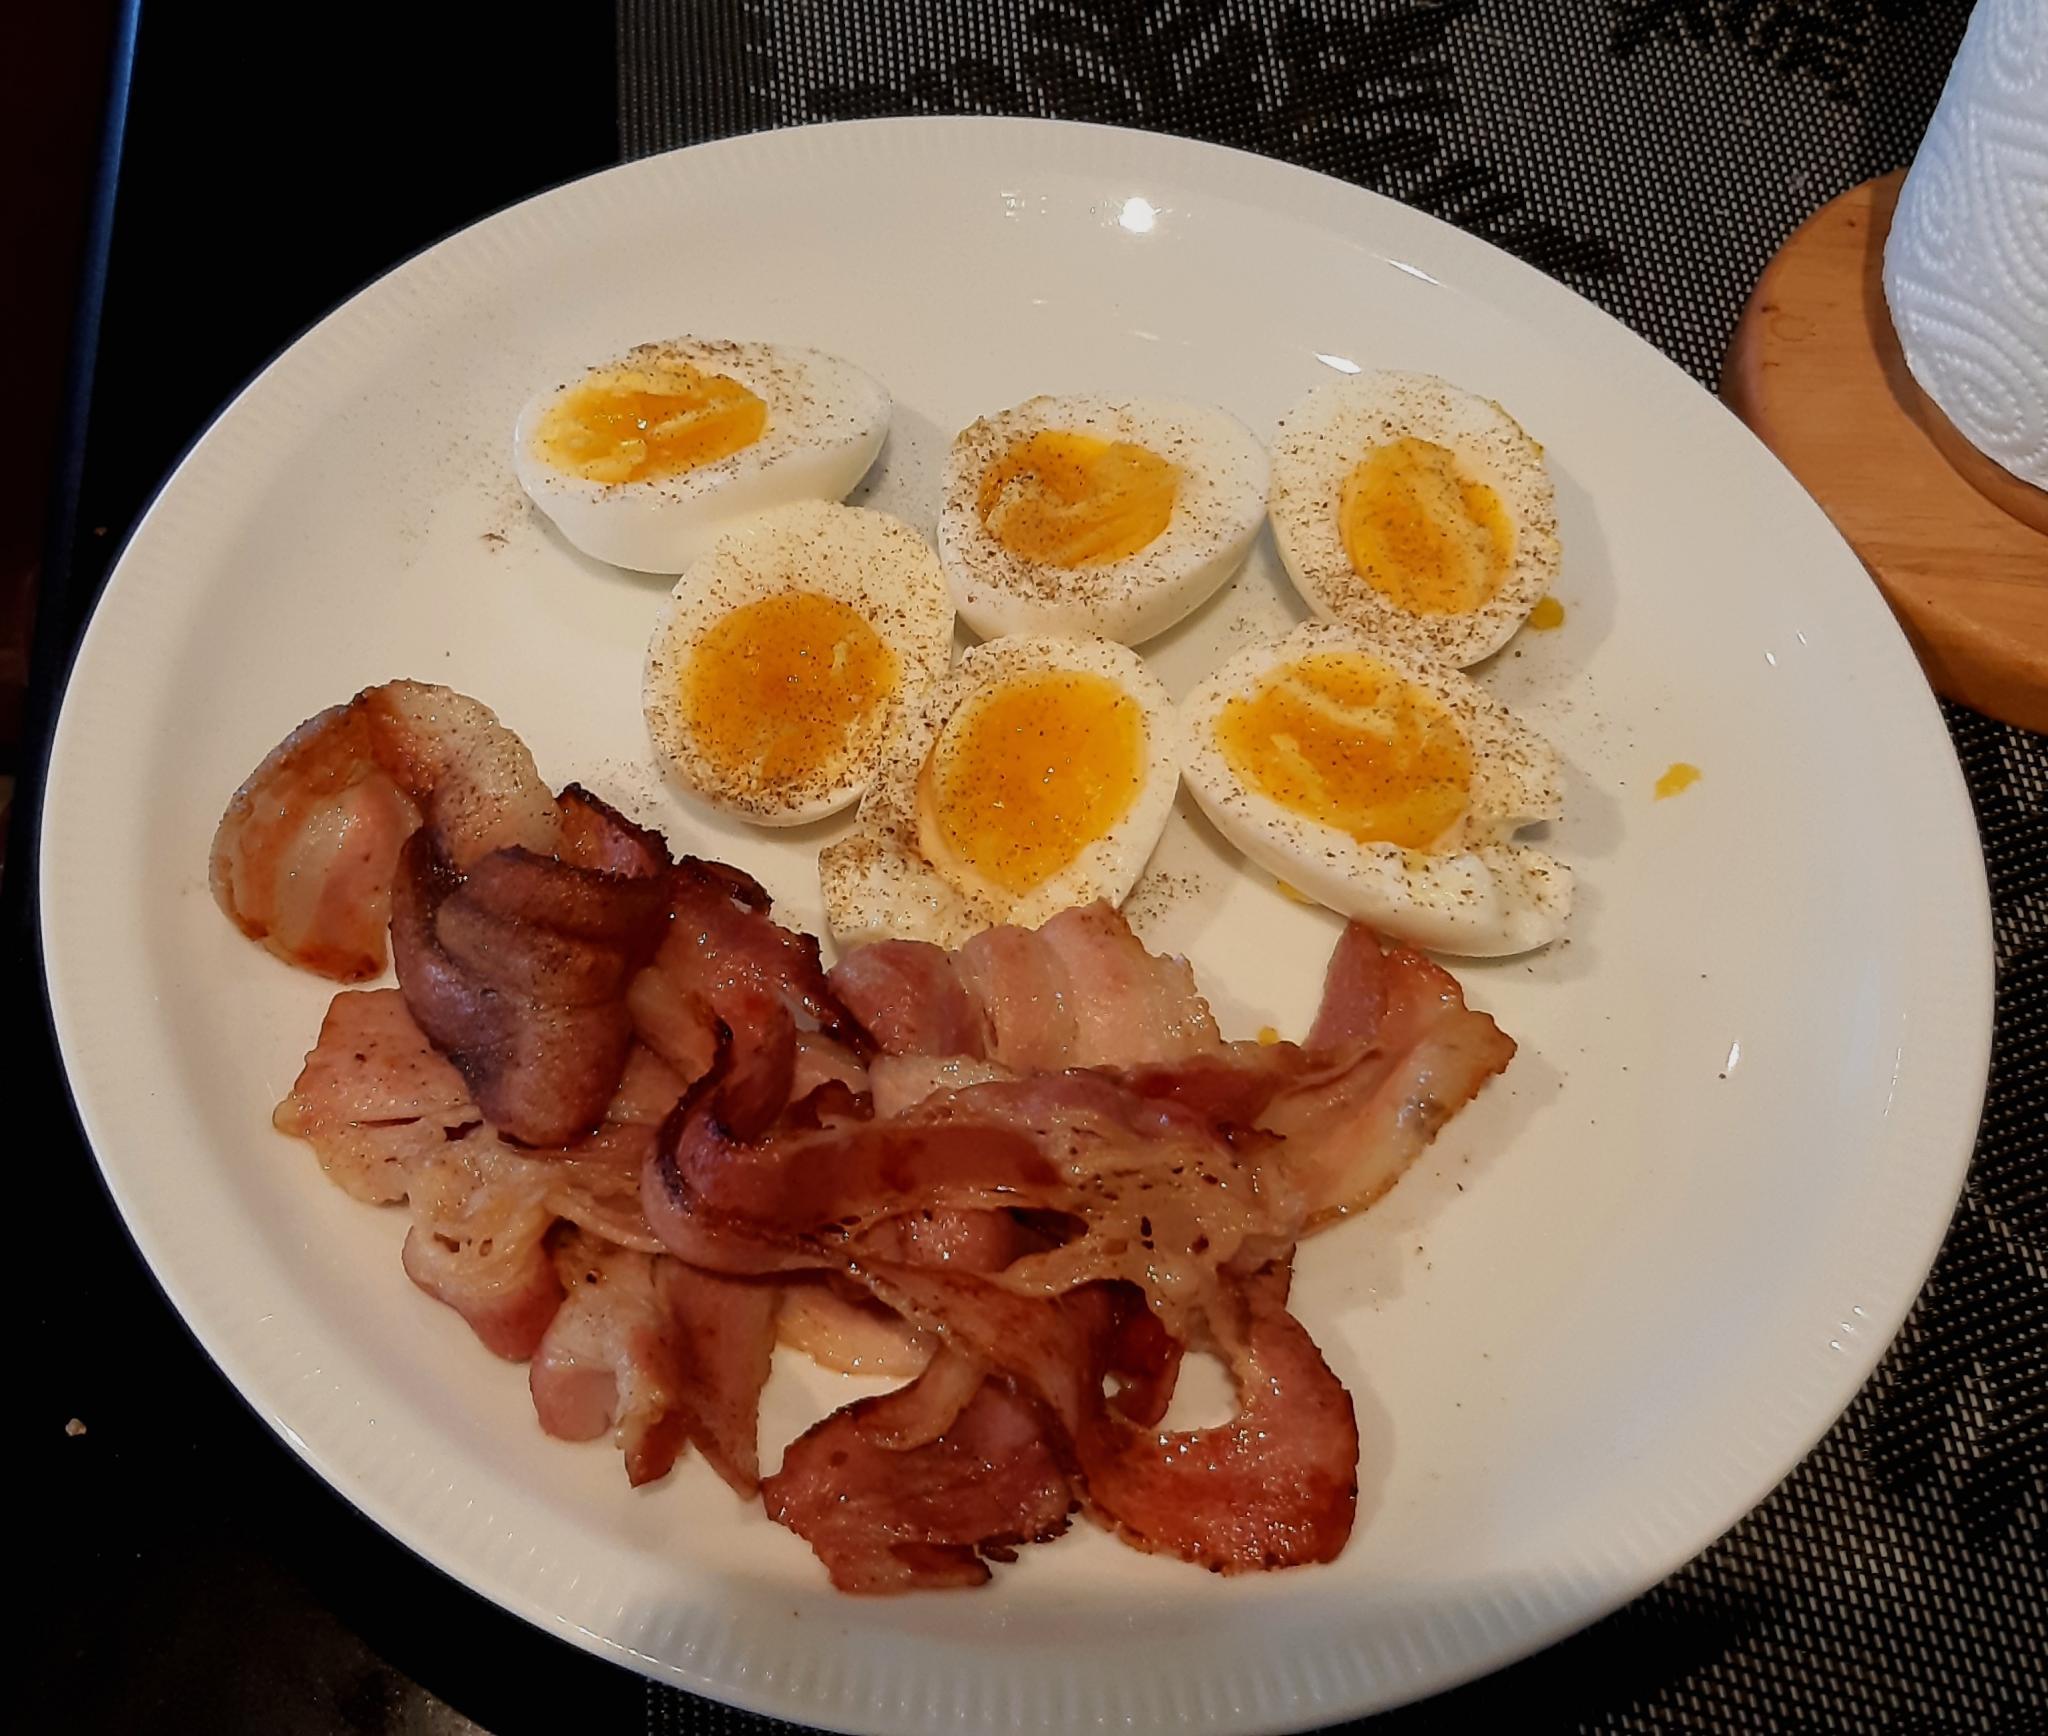 Breakfast-20200111_101243-jpg